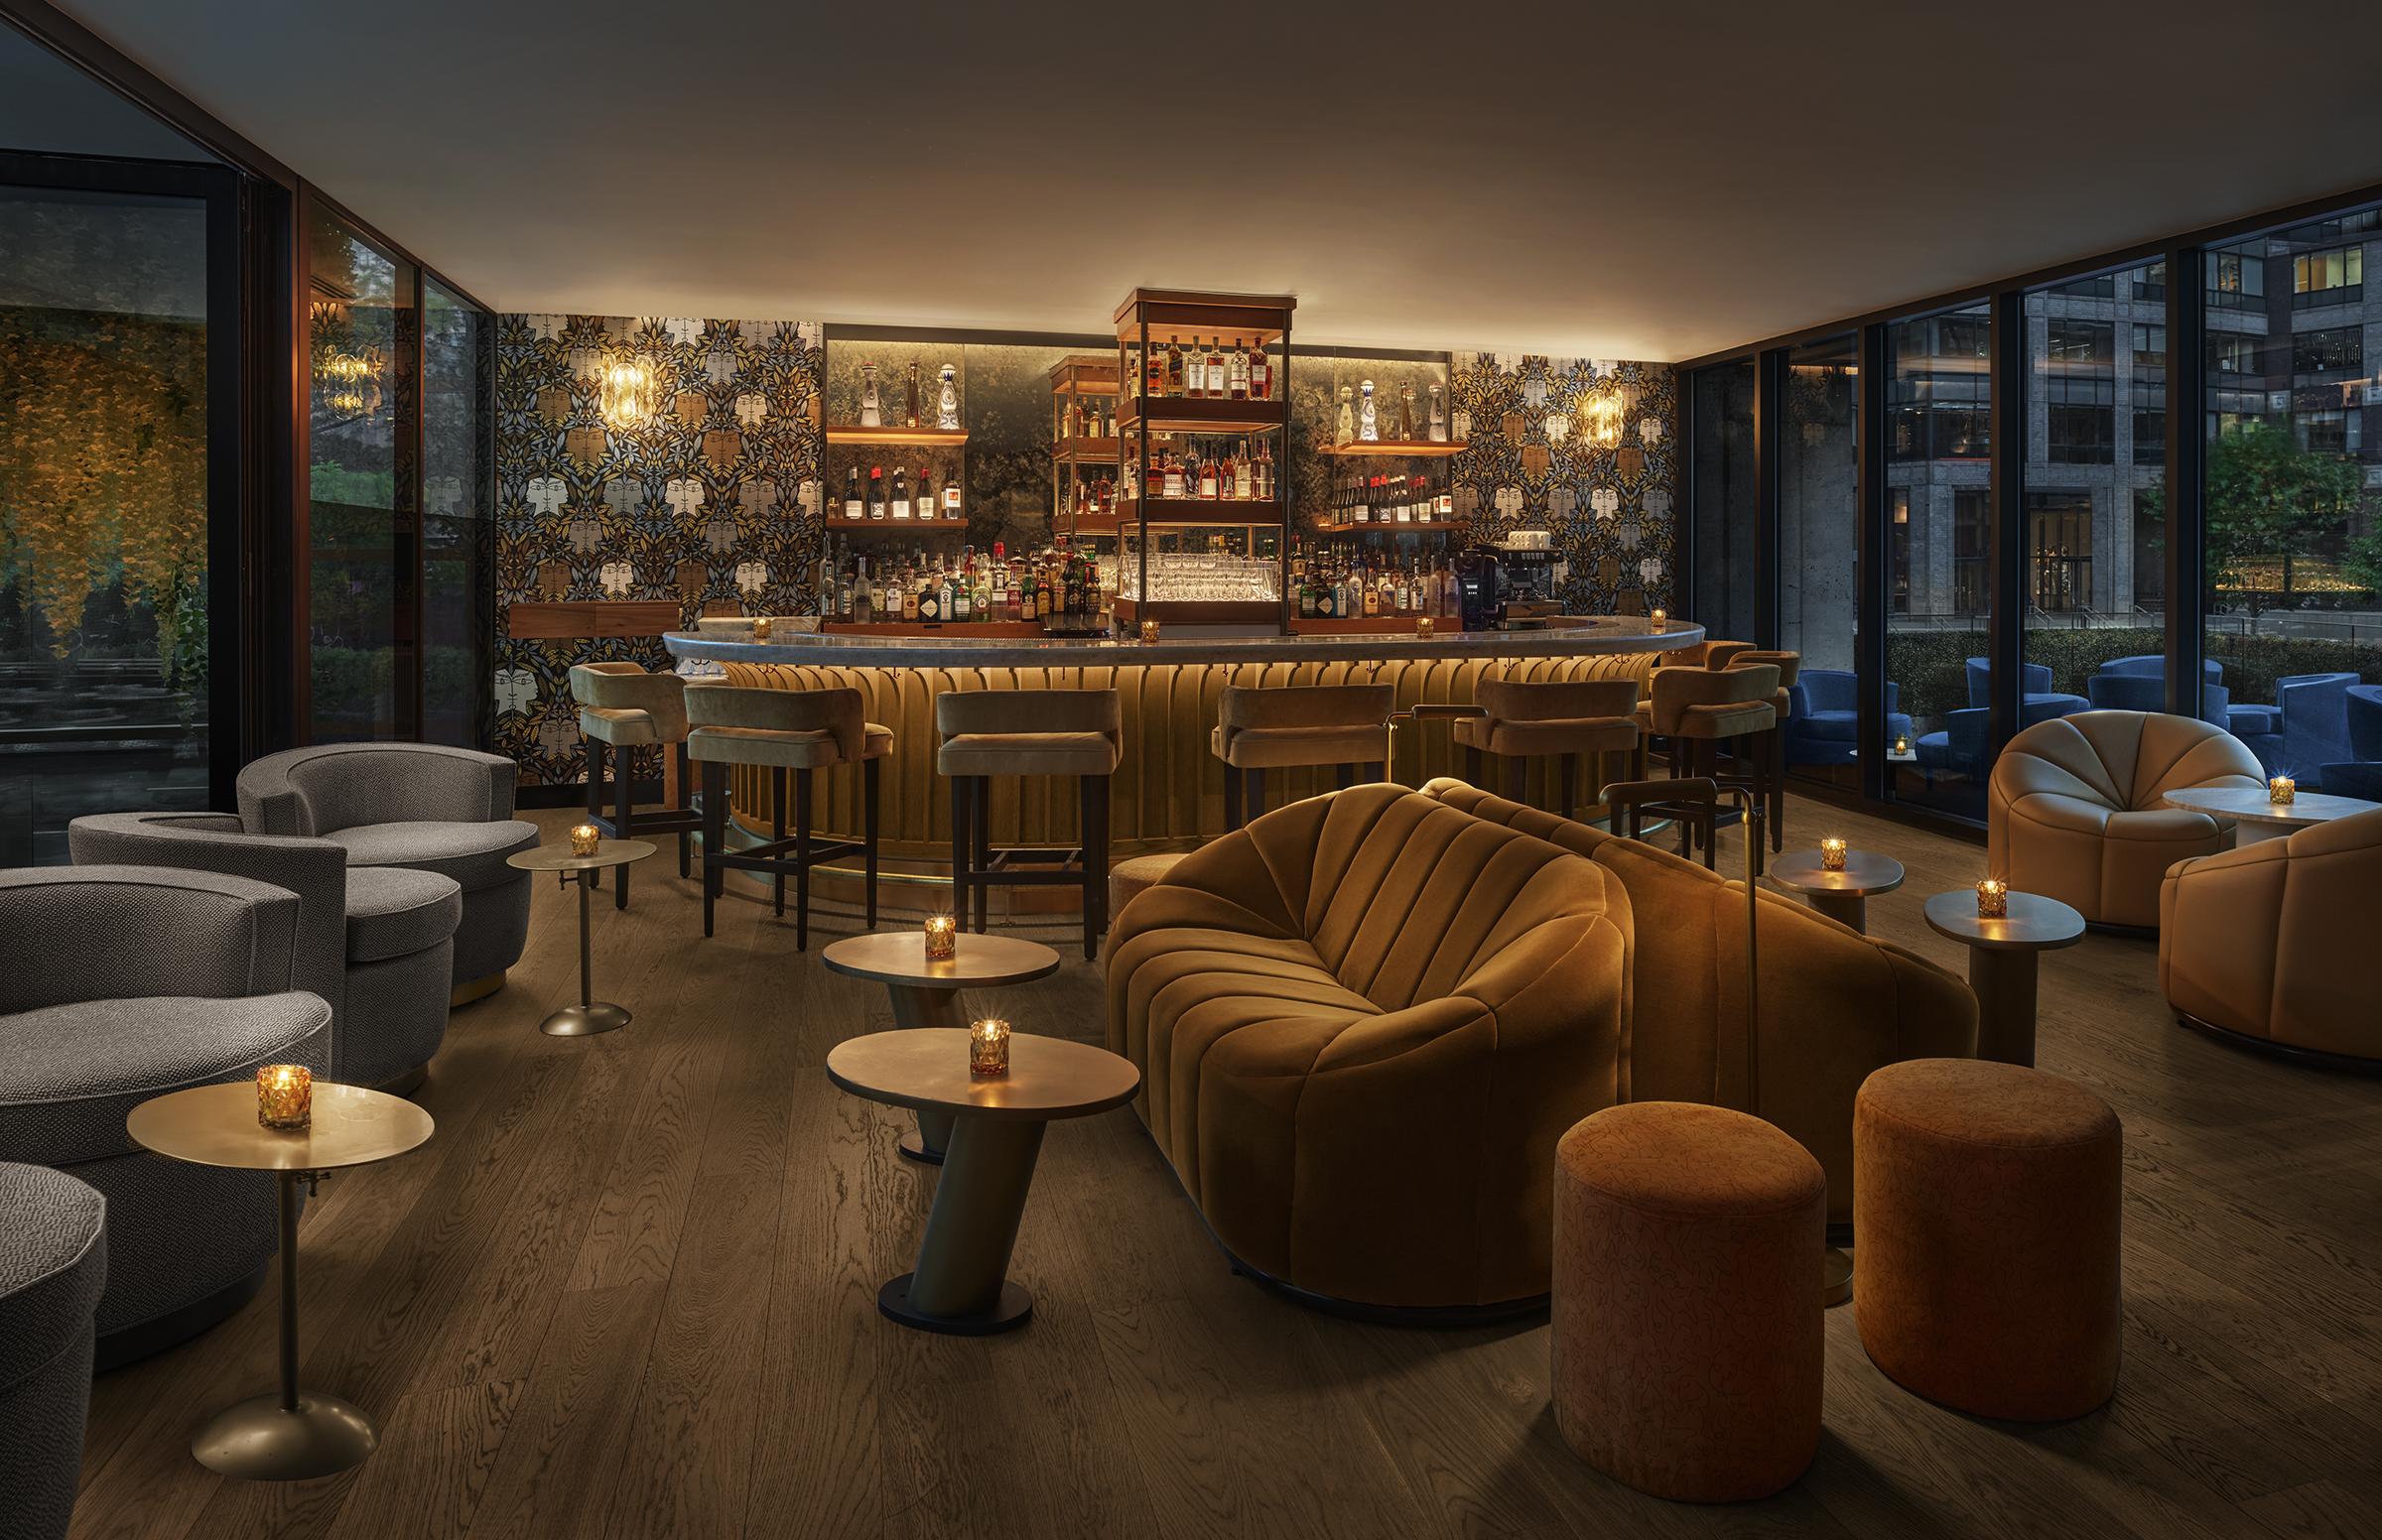 The Signature Room, a bar inside Veranda, the restaurant at the ModernHaus Soho